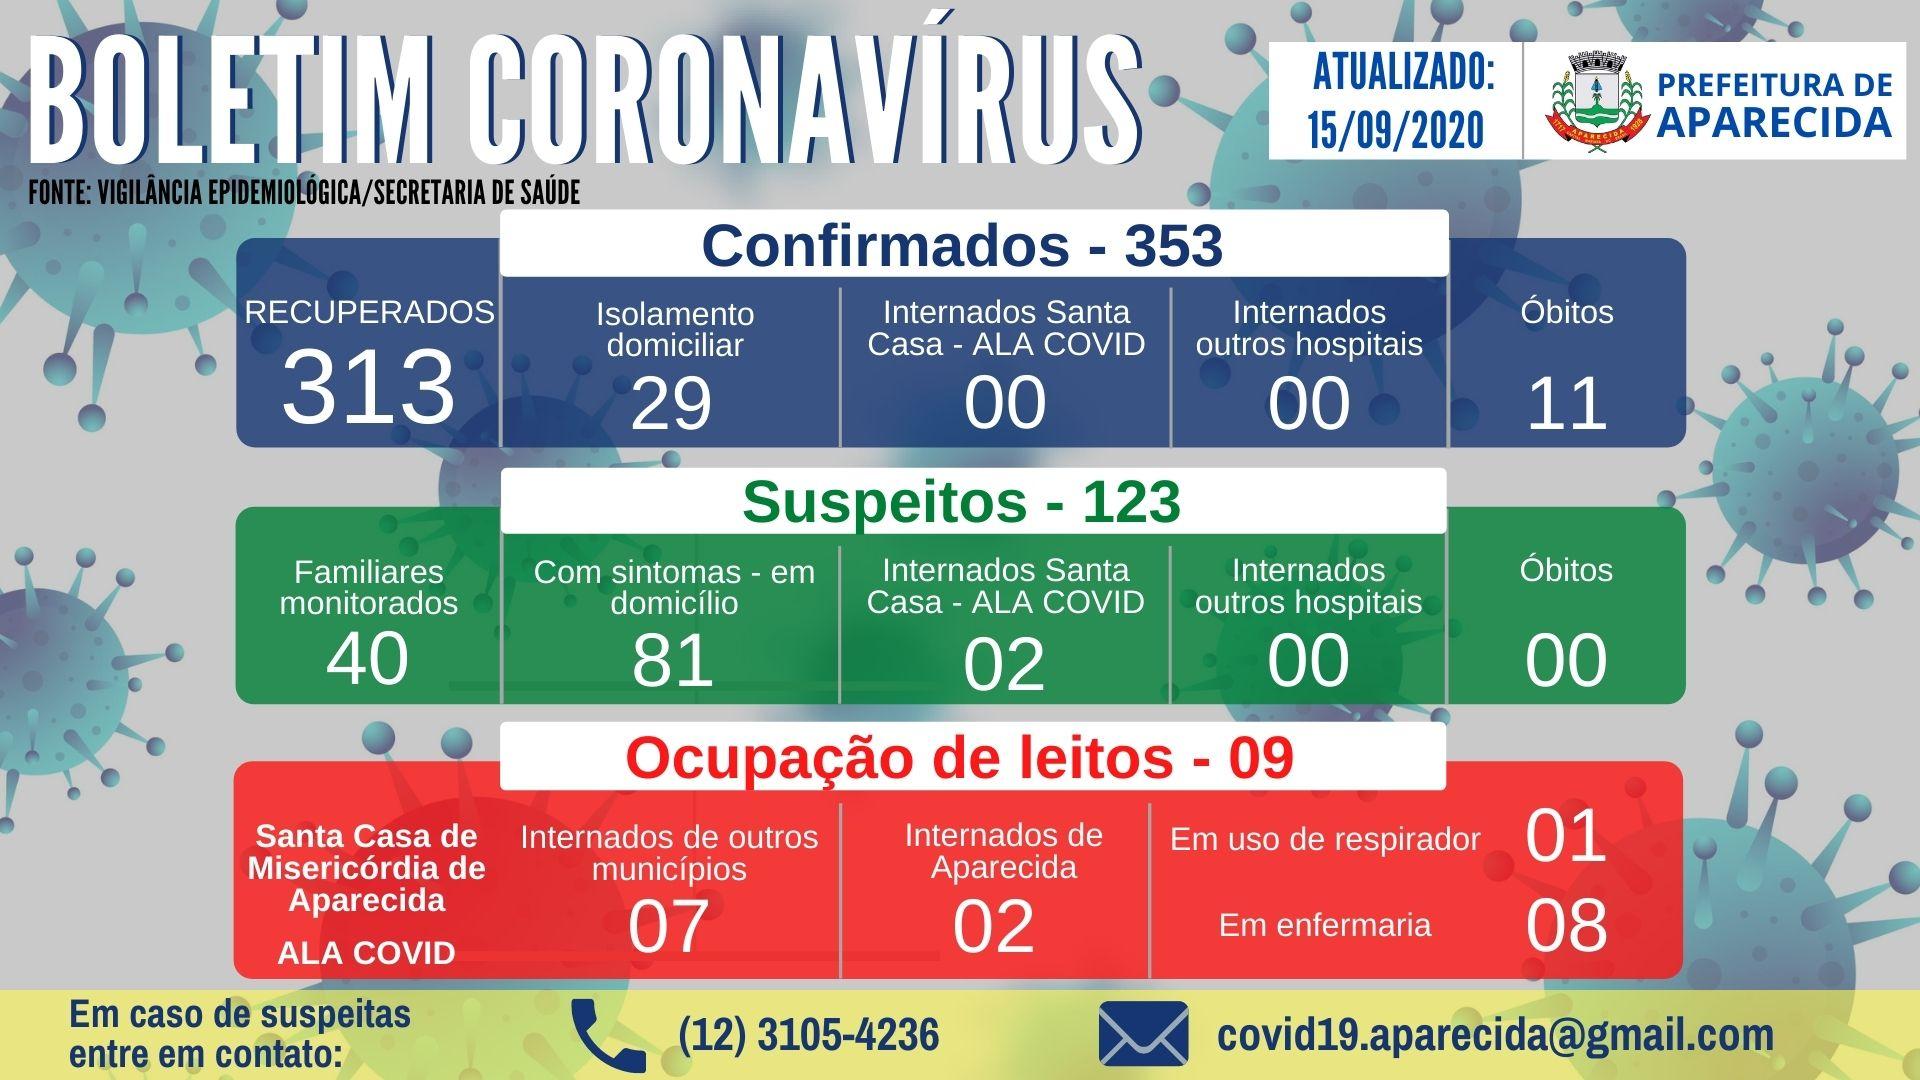 Boletim Coronavírus (5)